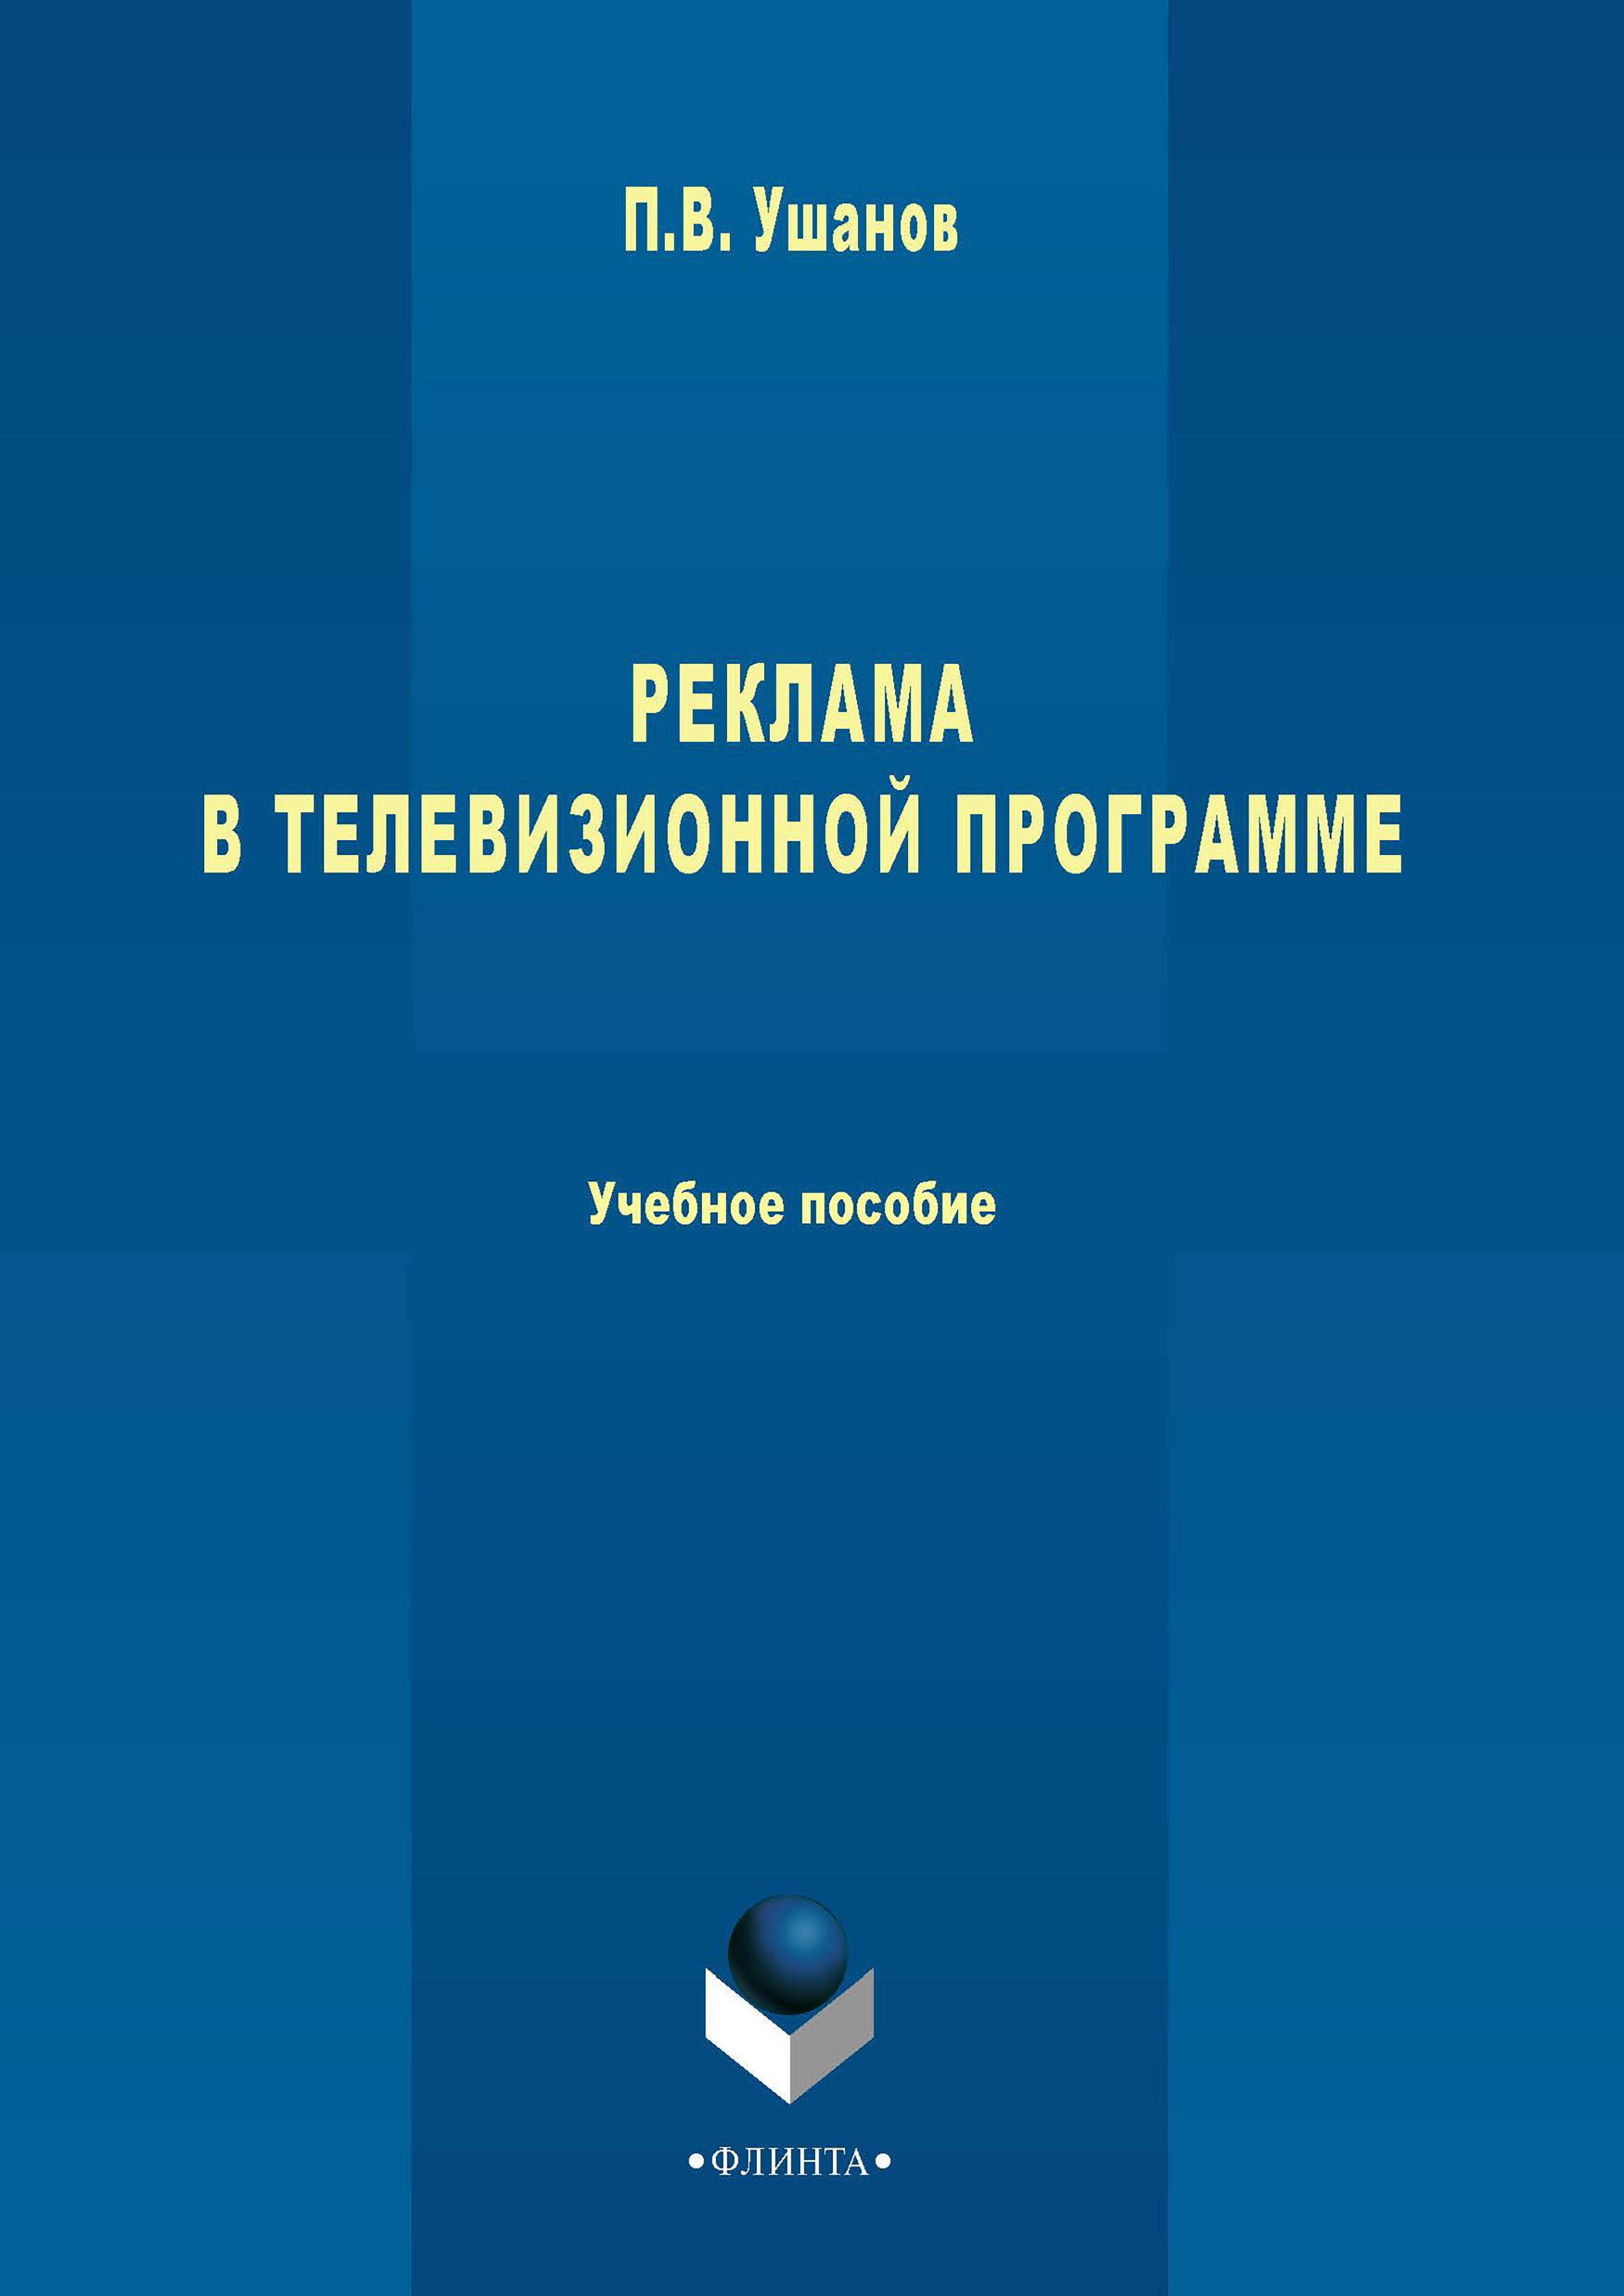 П. В. Ушанов Реклама в телевизионной программе. Учебное пособие цена